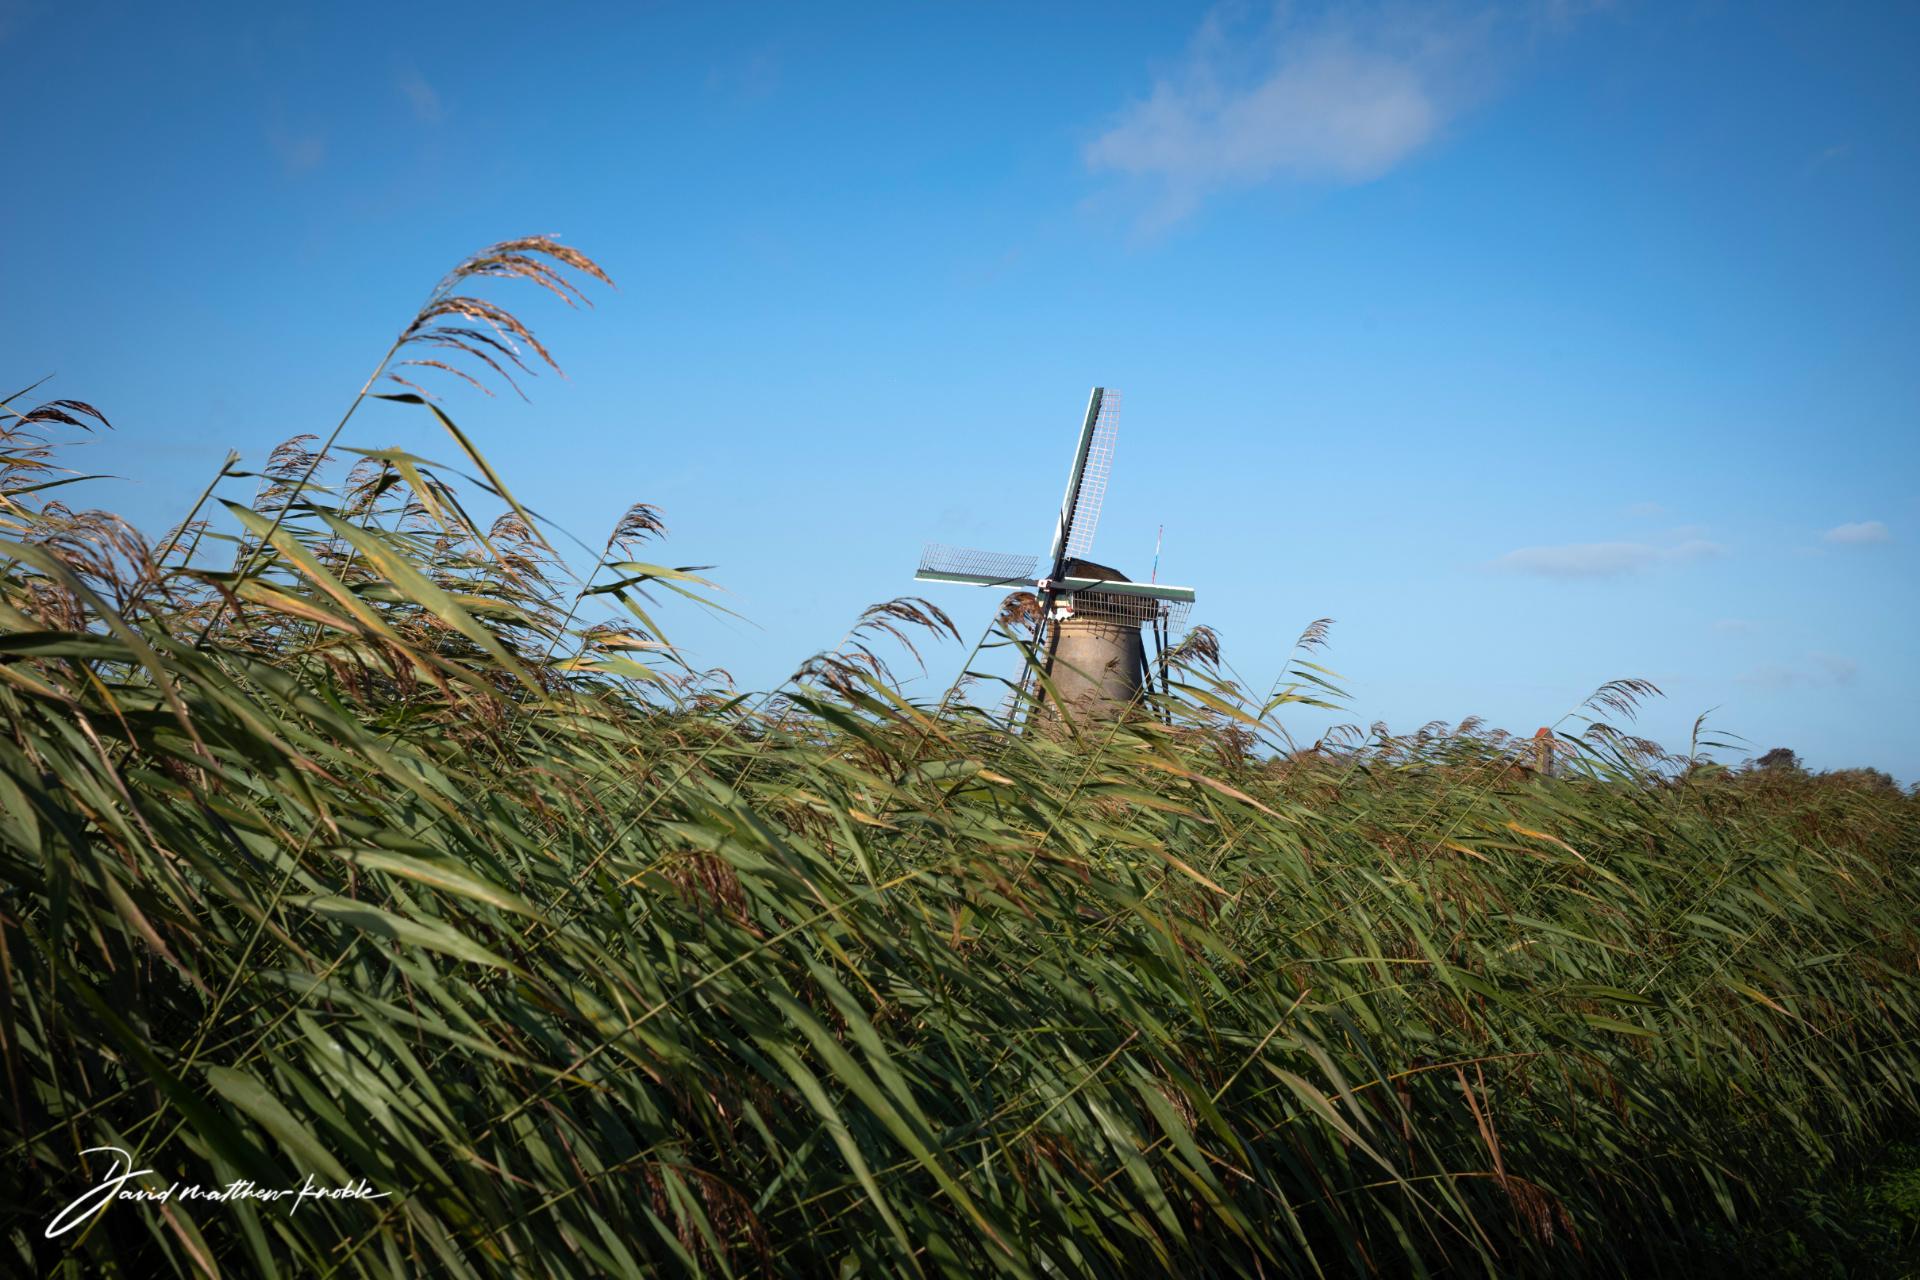 unesco-windmills-in-the-netherlands